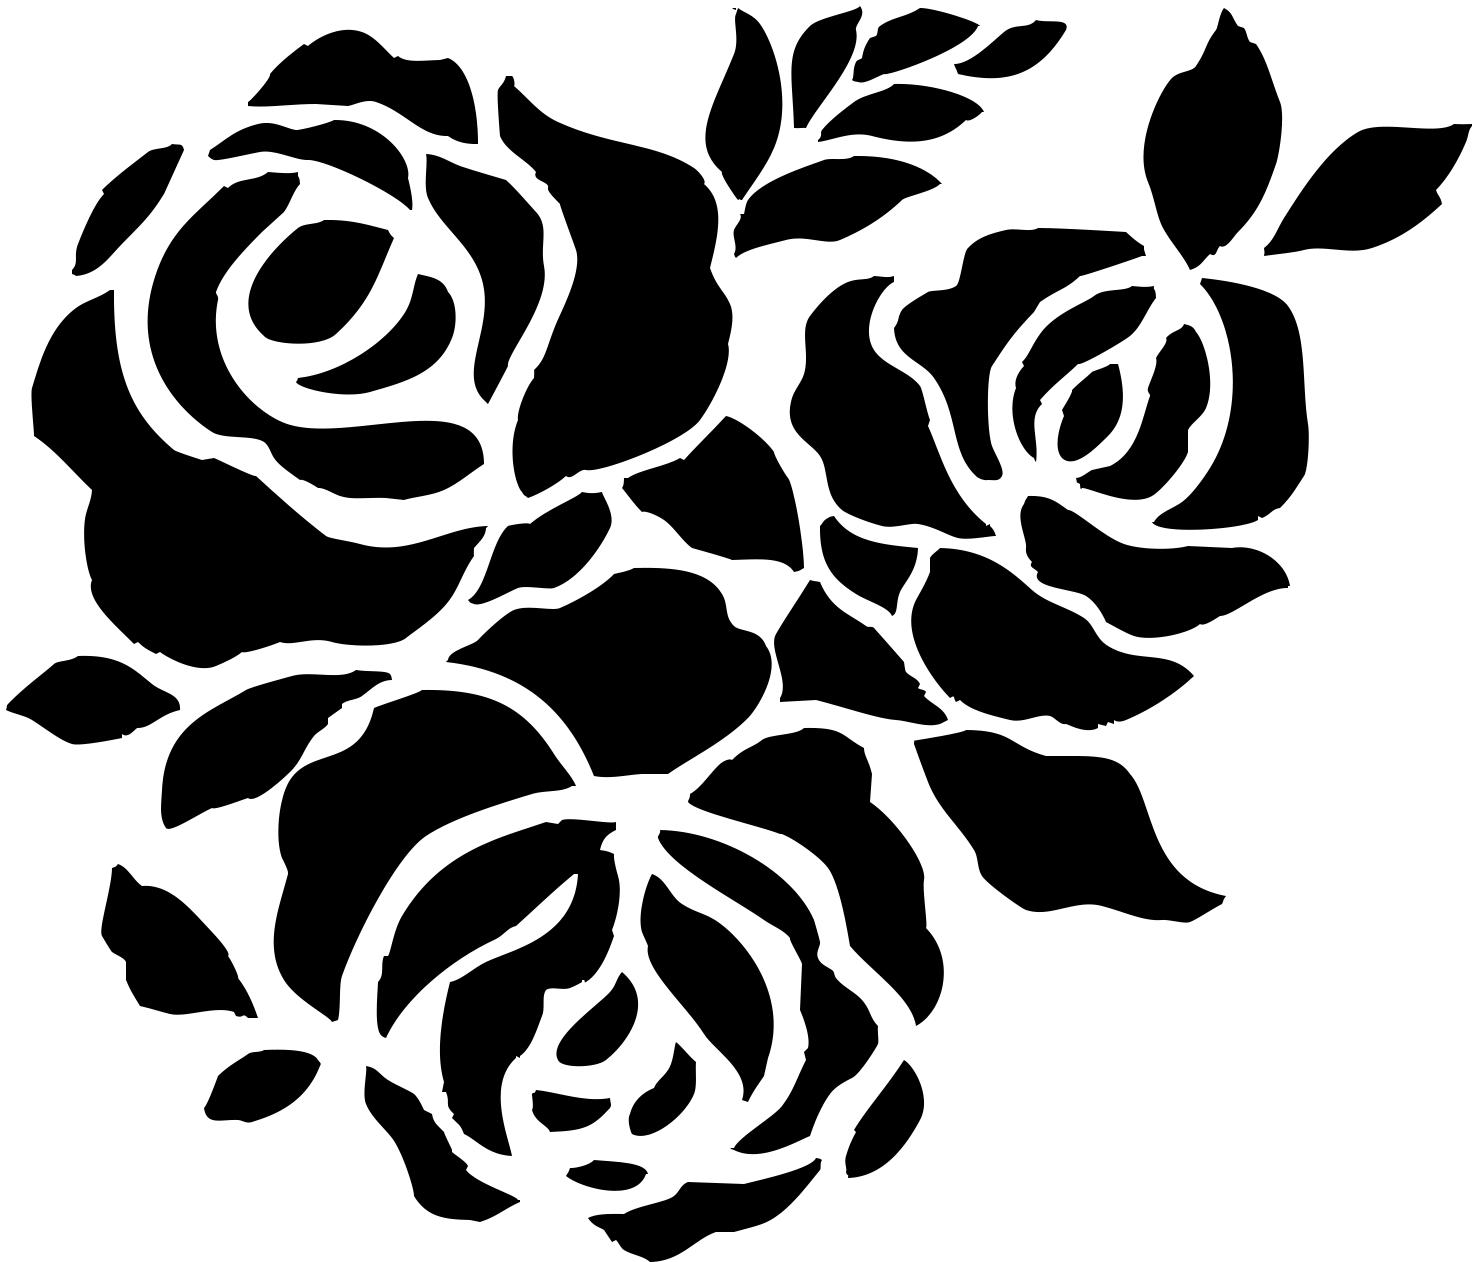 Картинки трафареты цветов для вырезания из бумаги